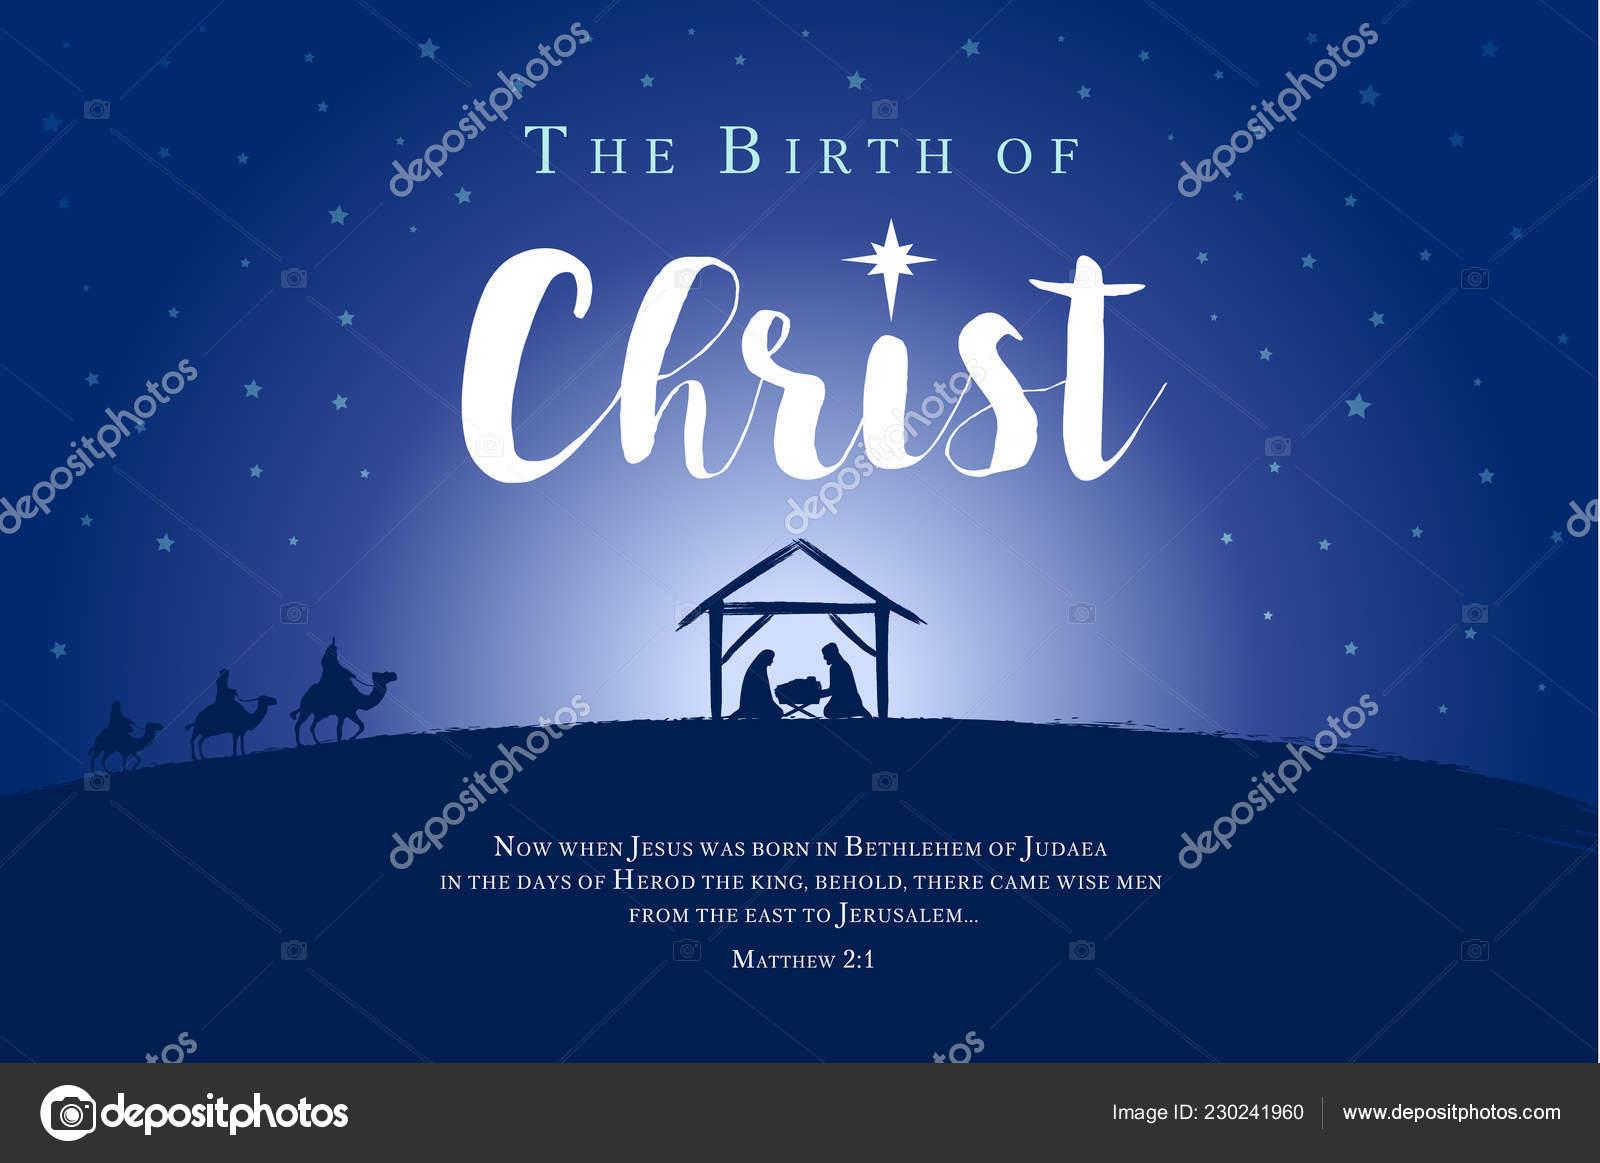 Frohe Weihnachten Jesus.Frohe Weihnachten Geburt Christi Banner Krippe Von Baby